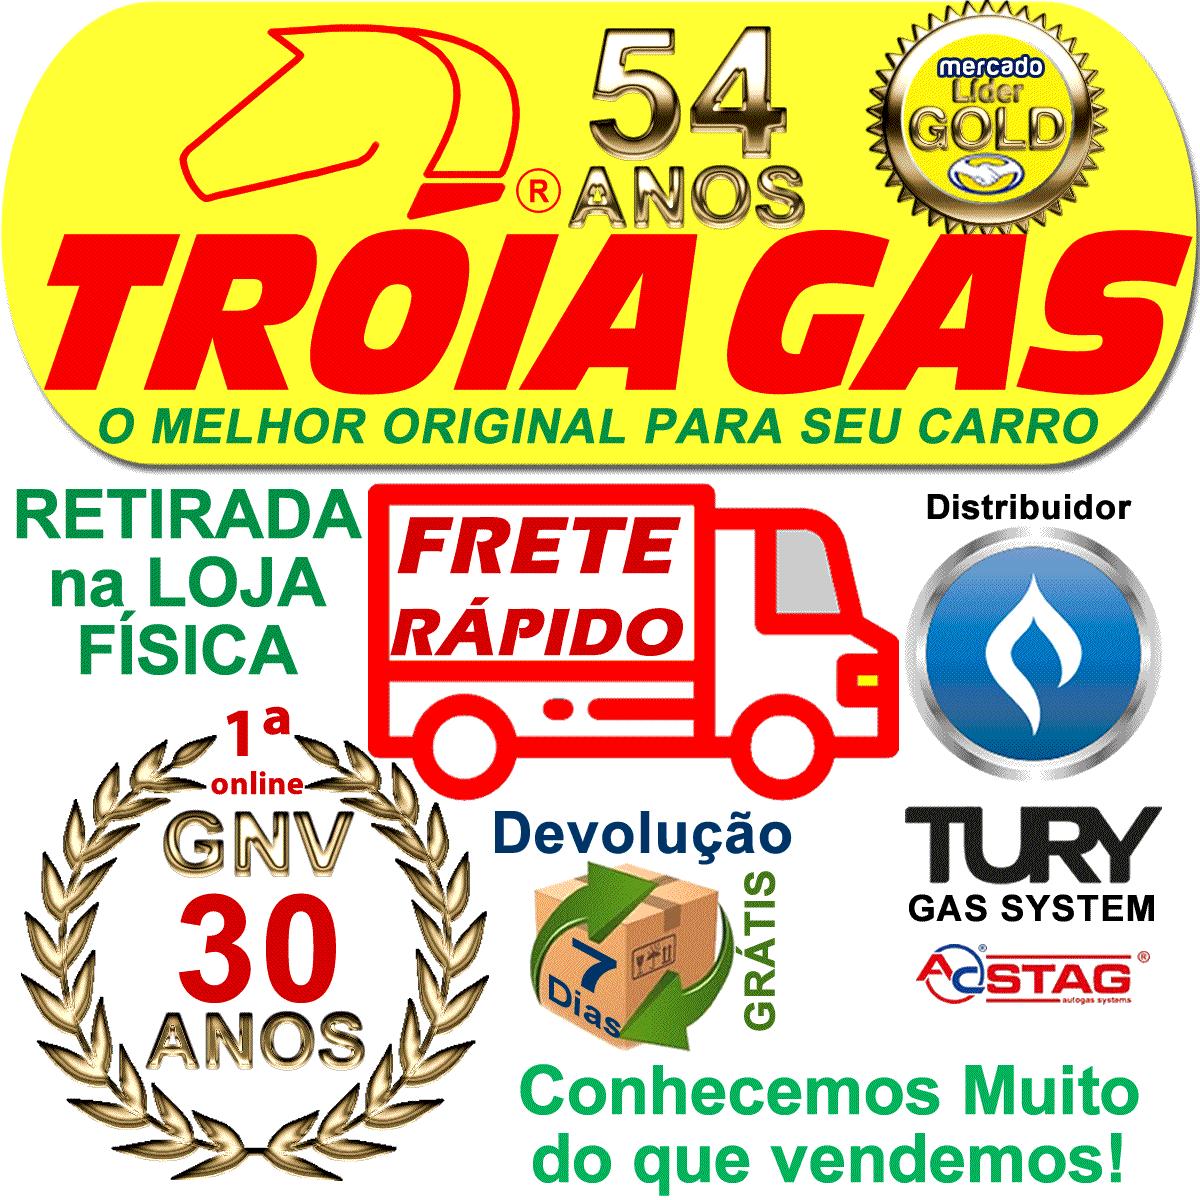 10m Mangueira 16x23mm para GNV Baixa Pressão 1ª 2ª 3ª 4ª geração